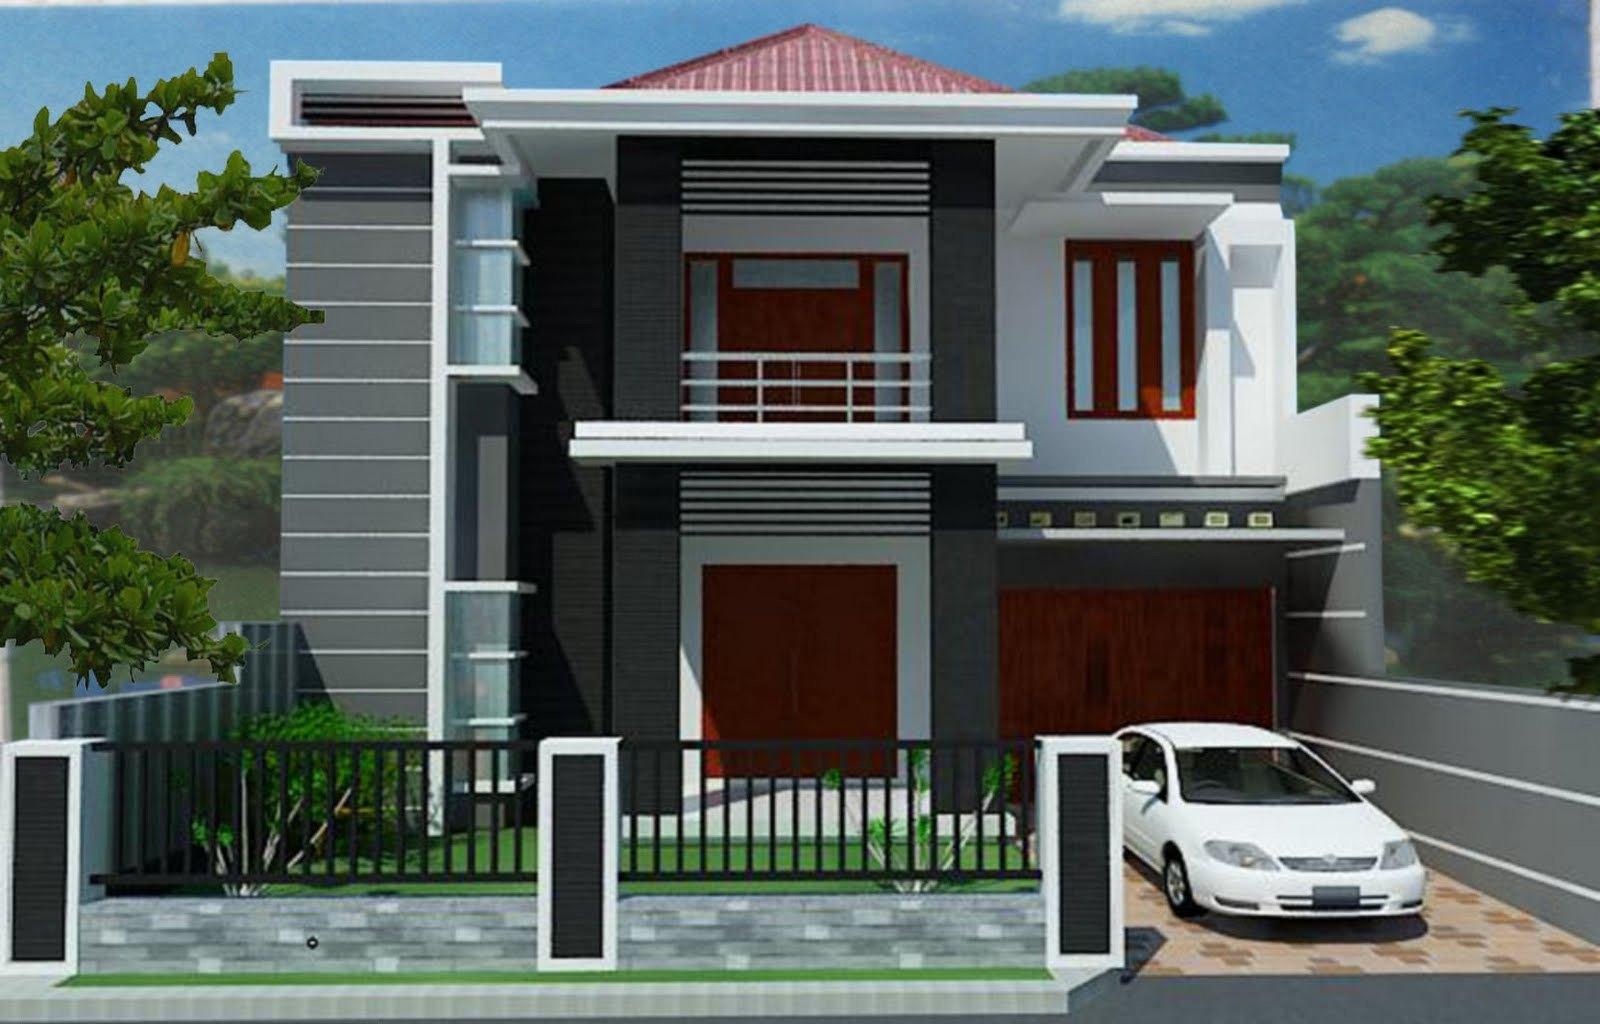 10 Desain Rumah Minimalis 2 Lantai Terbaik